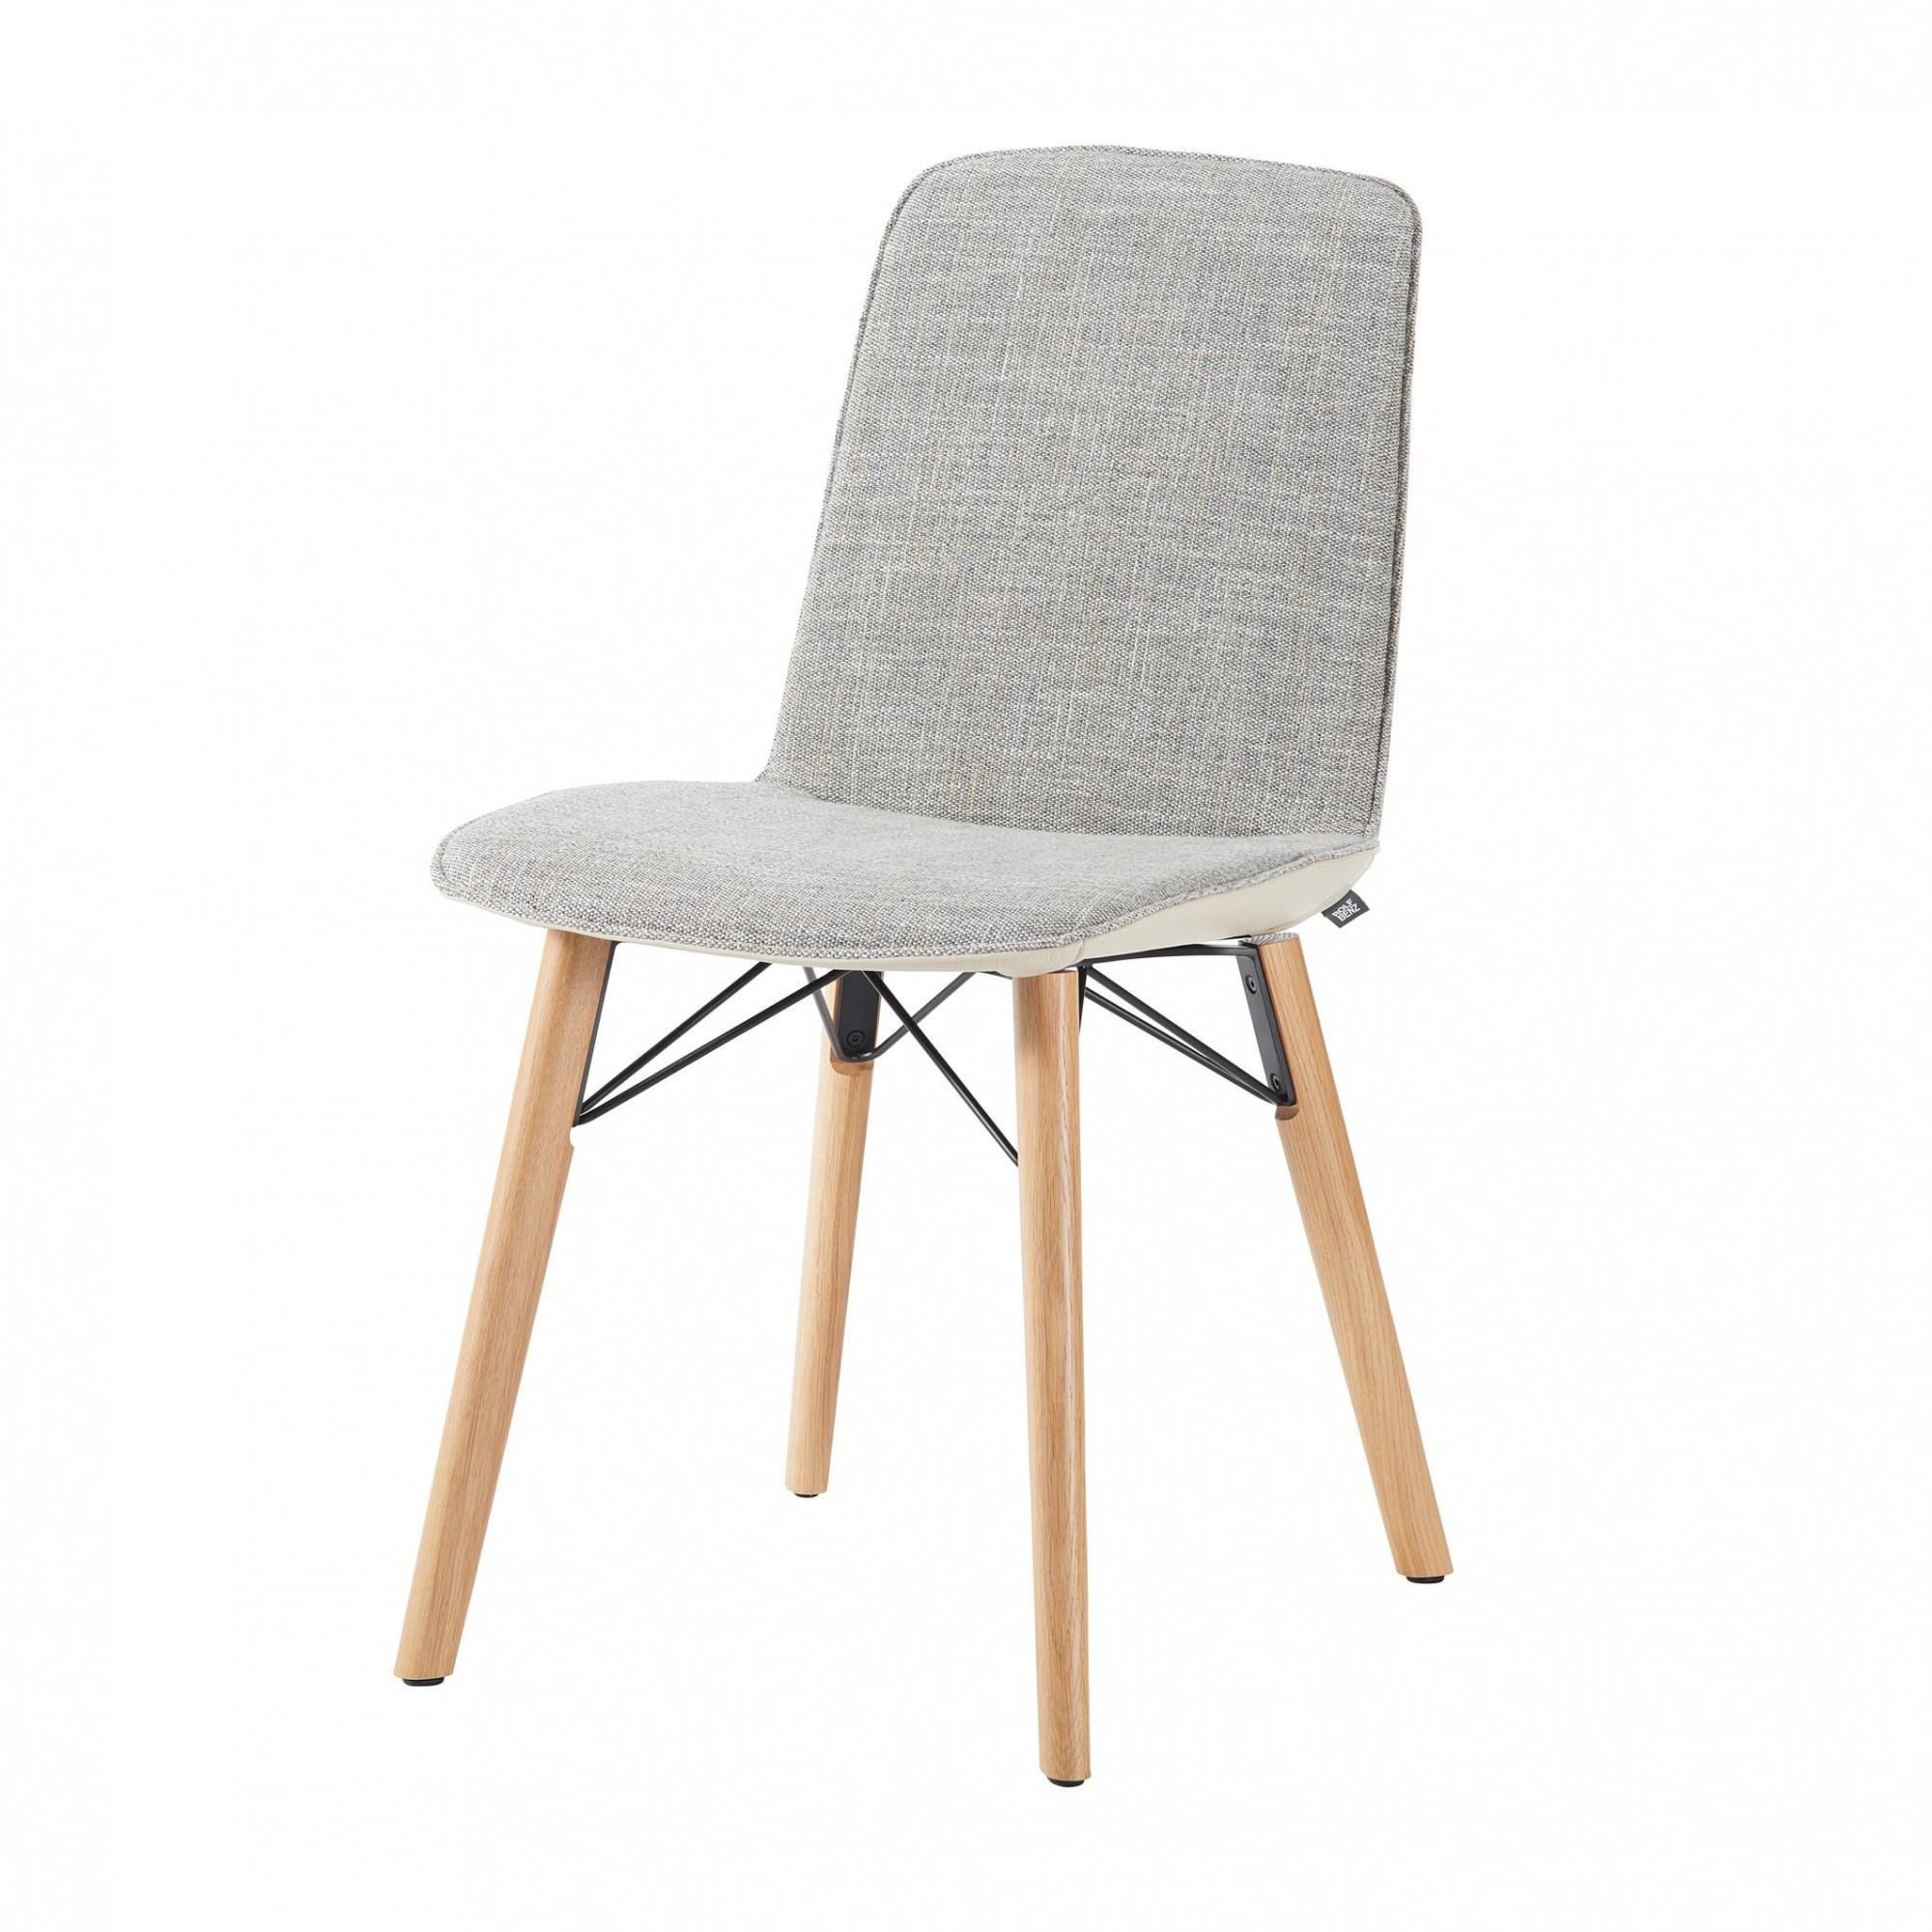 rolf benz 616 stuhl ambientedirect. Black Bedroom Furniture Sets. Home Design Ideas